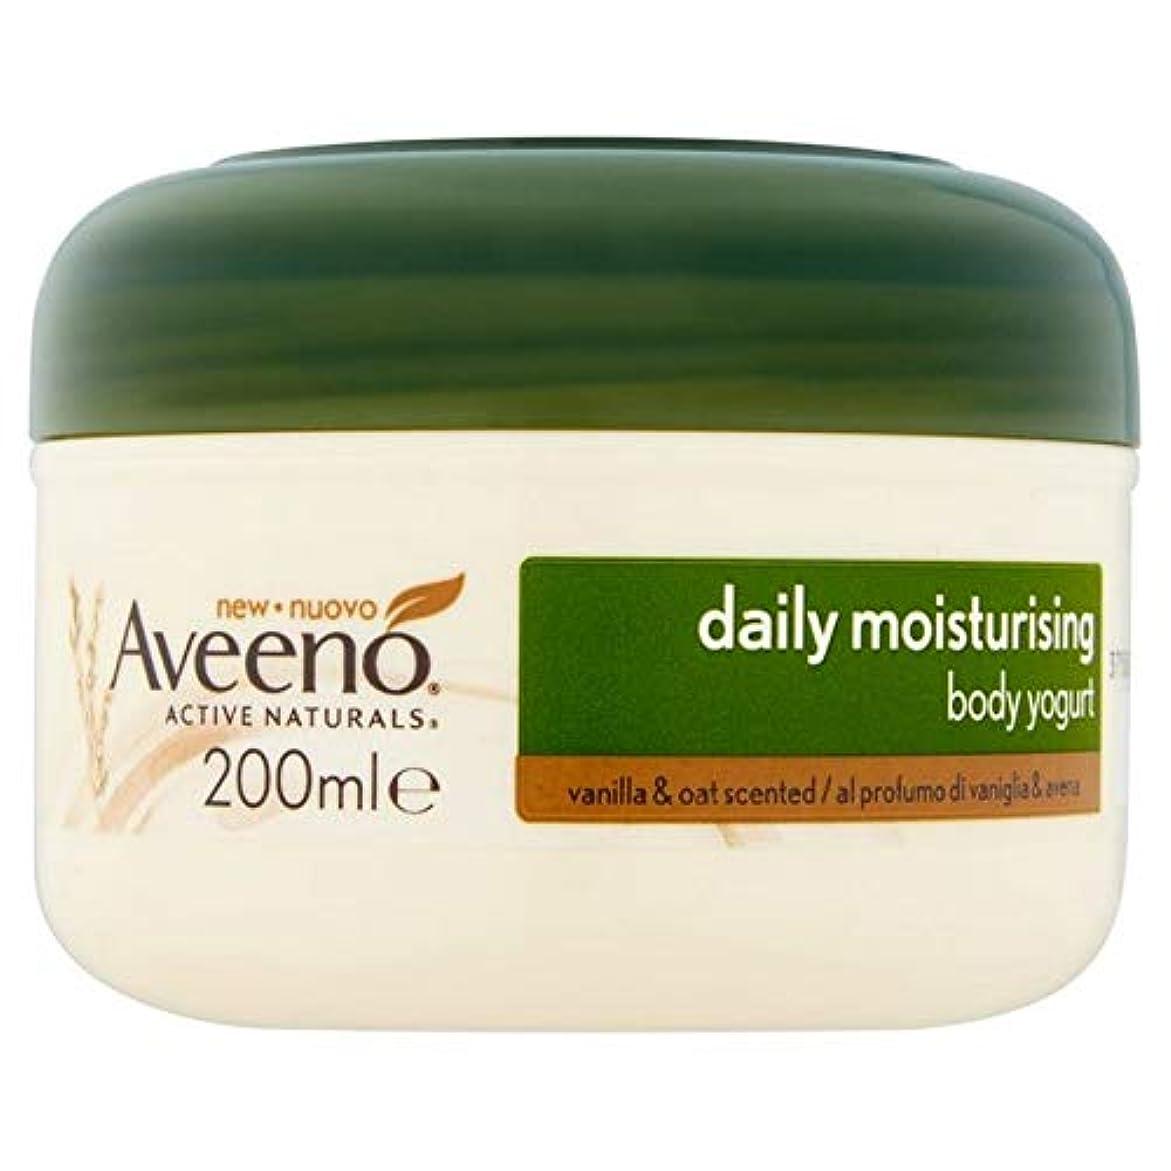 理論的手のひら追放する[Aveeno] Aveeno毎日保湿ボディヨーグルトバニラ&オーツの200ミリリットル - Aveeno Daily Moisturising Body Yogurts Vanilla & Oats 200ml [並行輸入品]